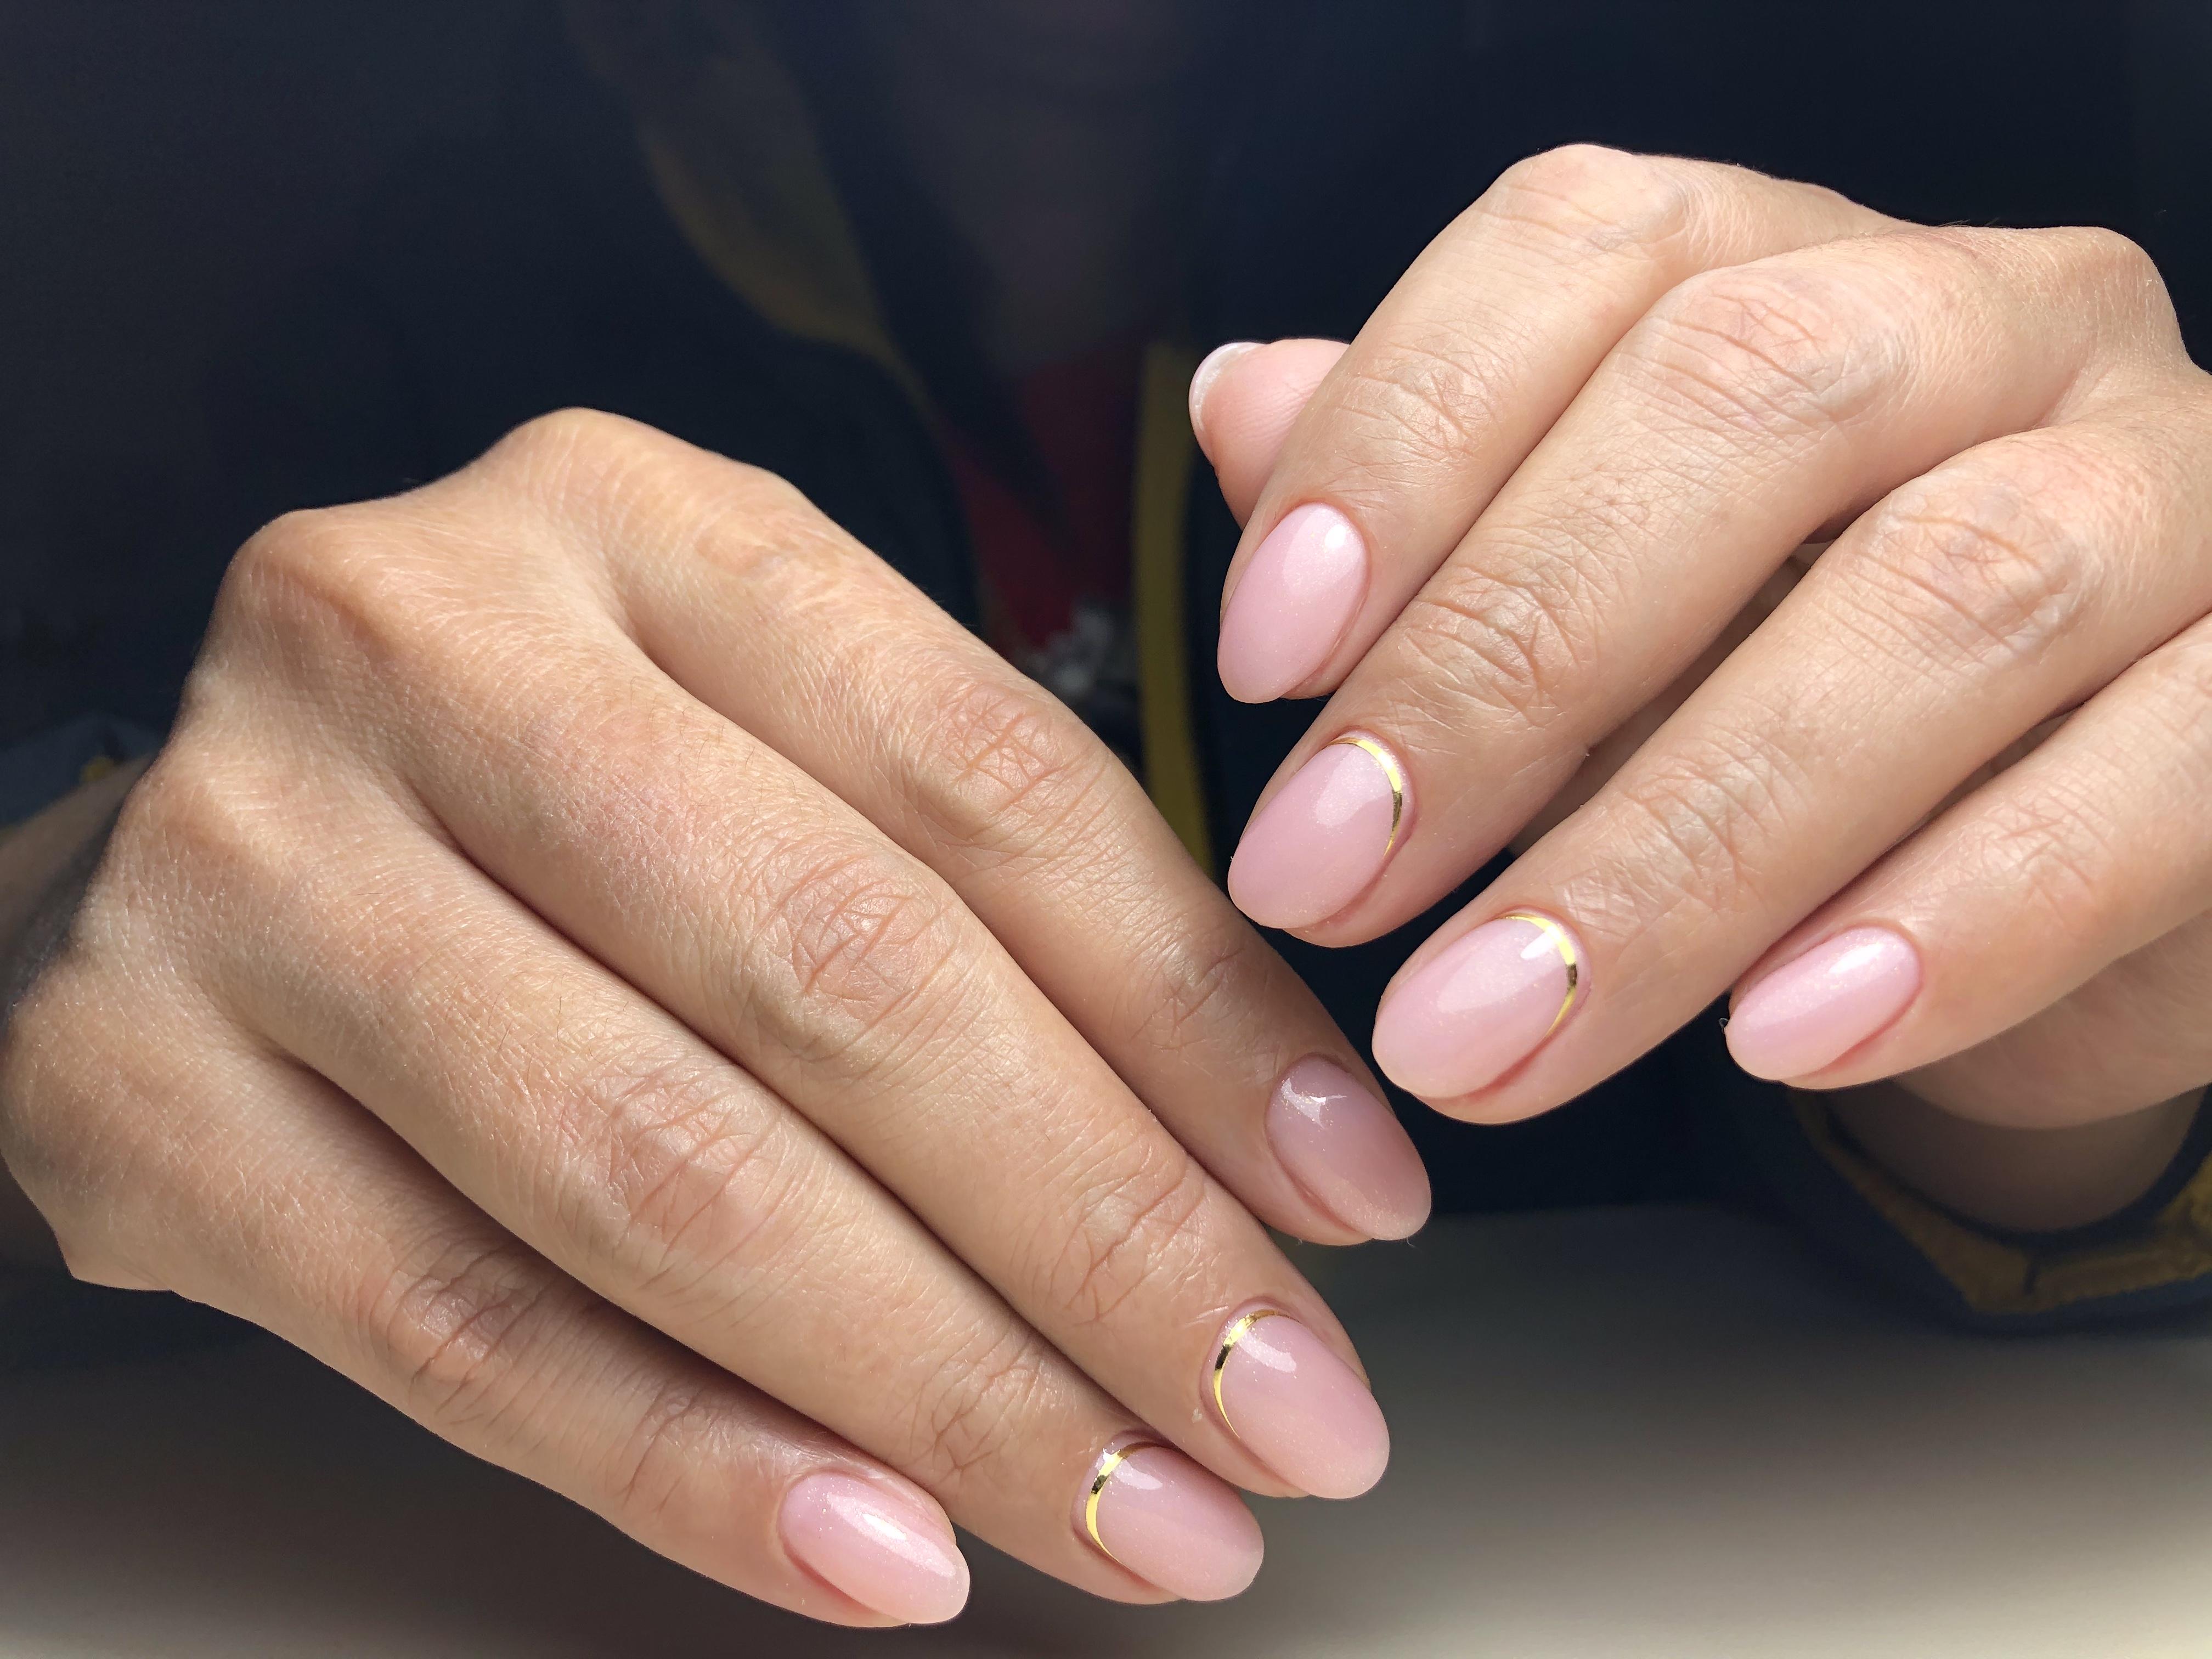 Маникюр с золотыми полосками в розовом цвете.